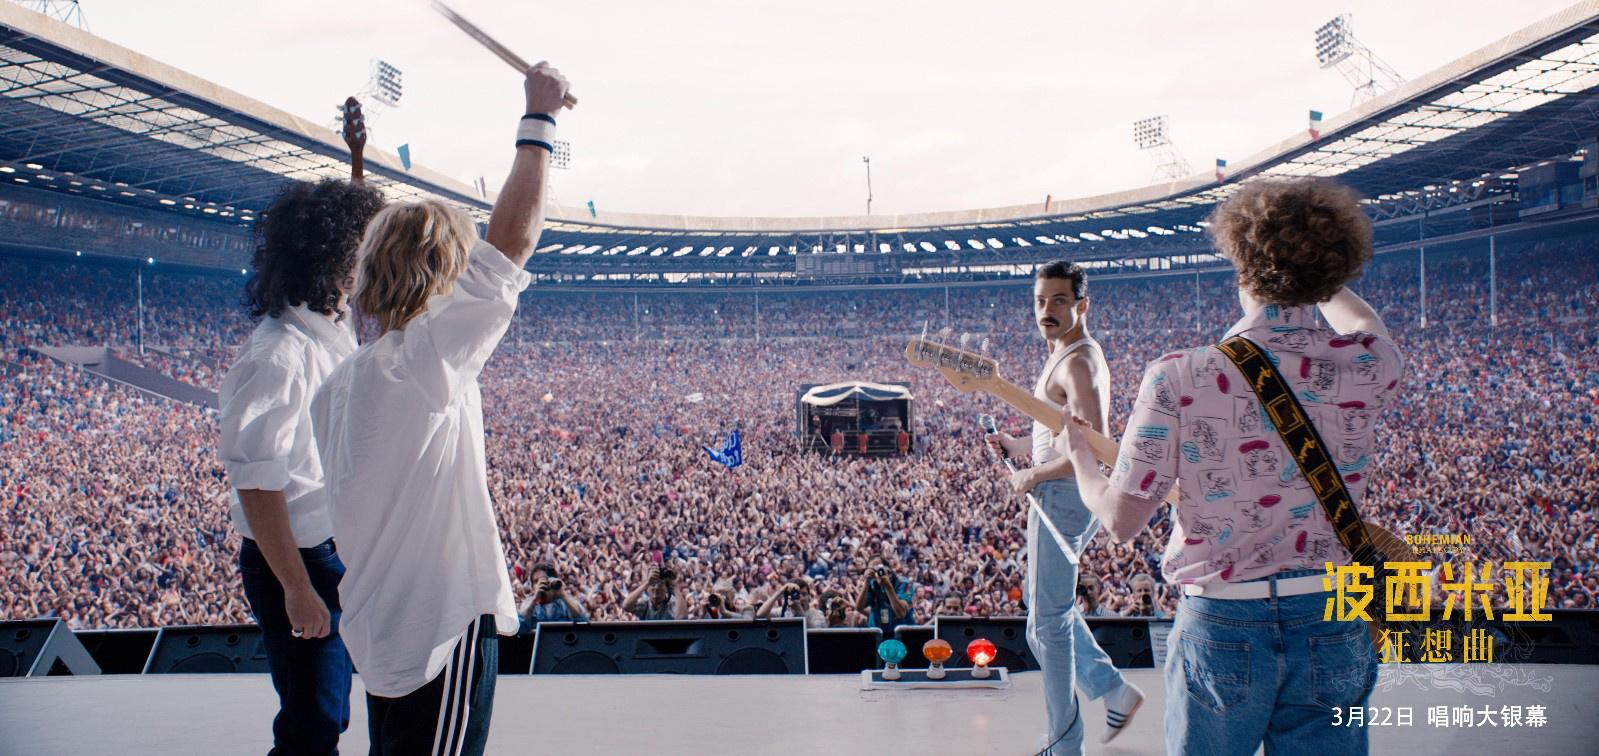 《波西米亚》或有续集? 又以Live Aid为开头?